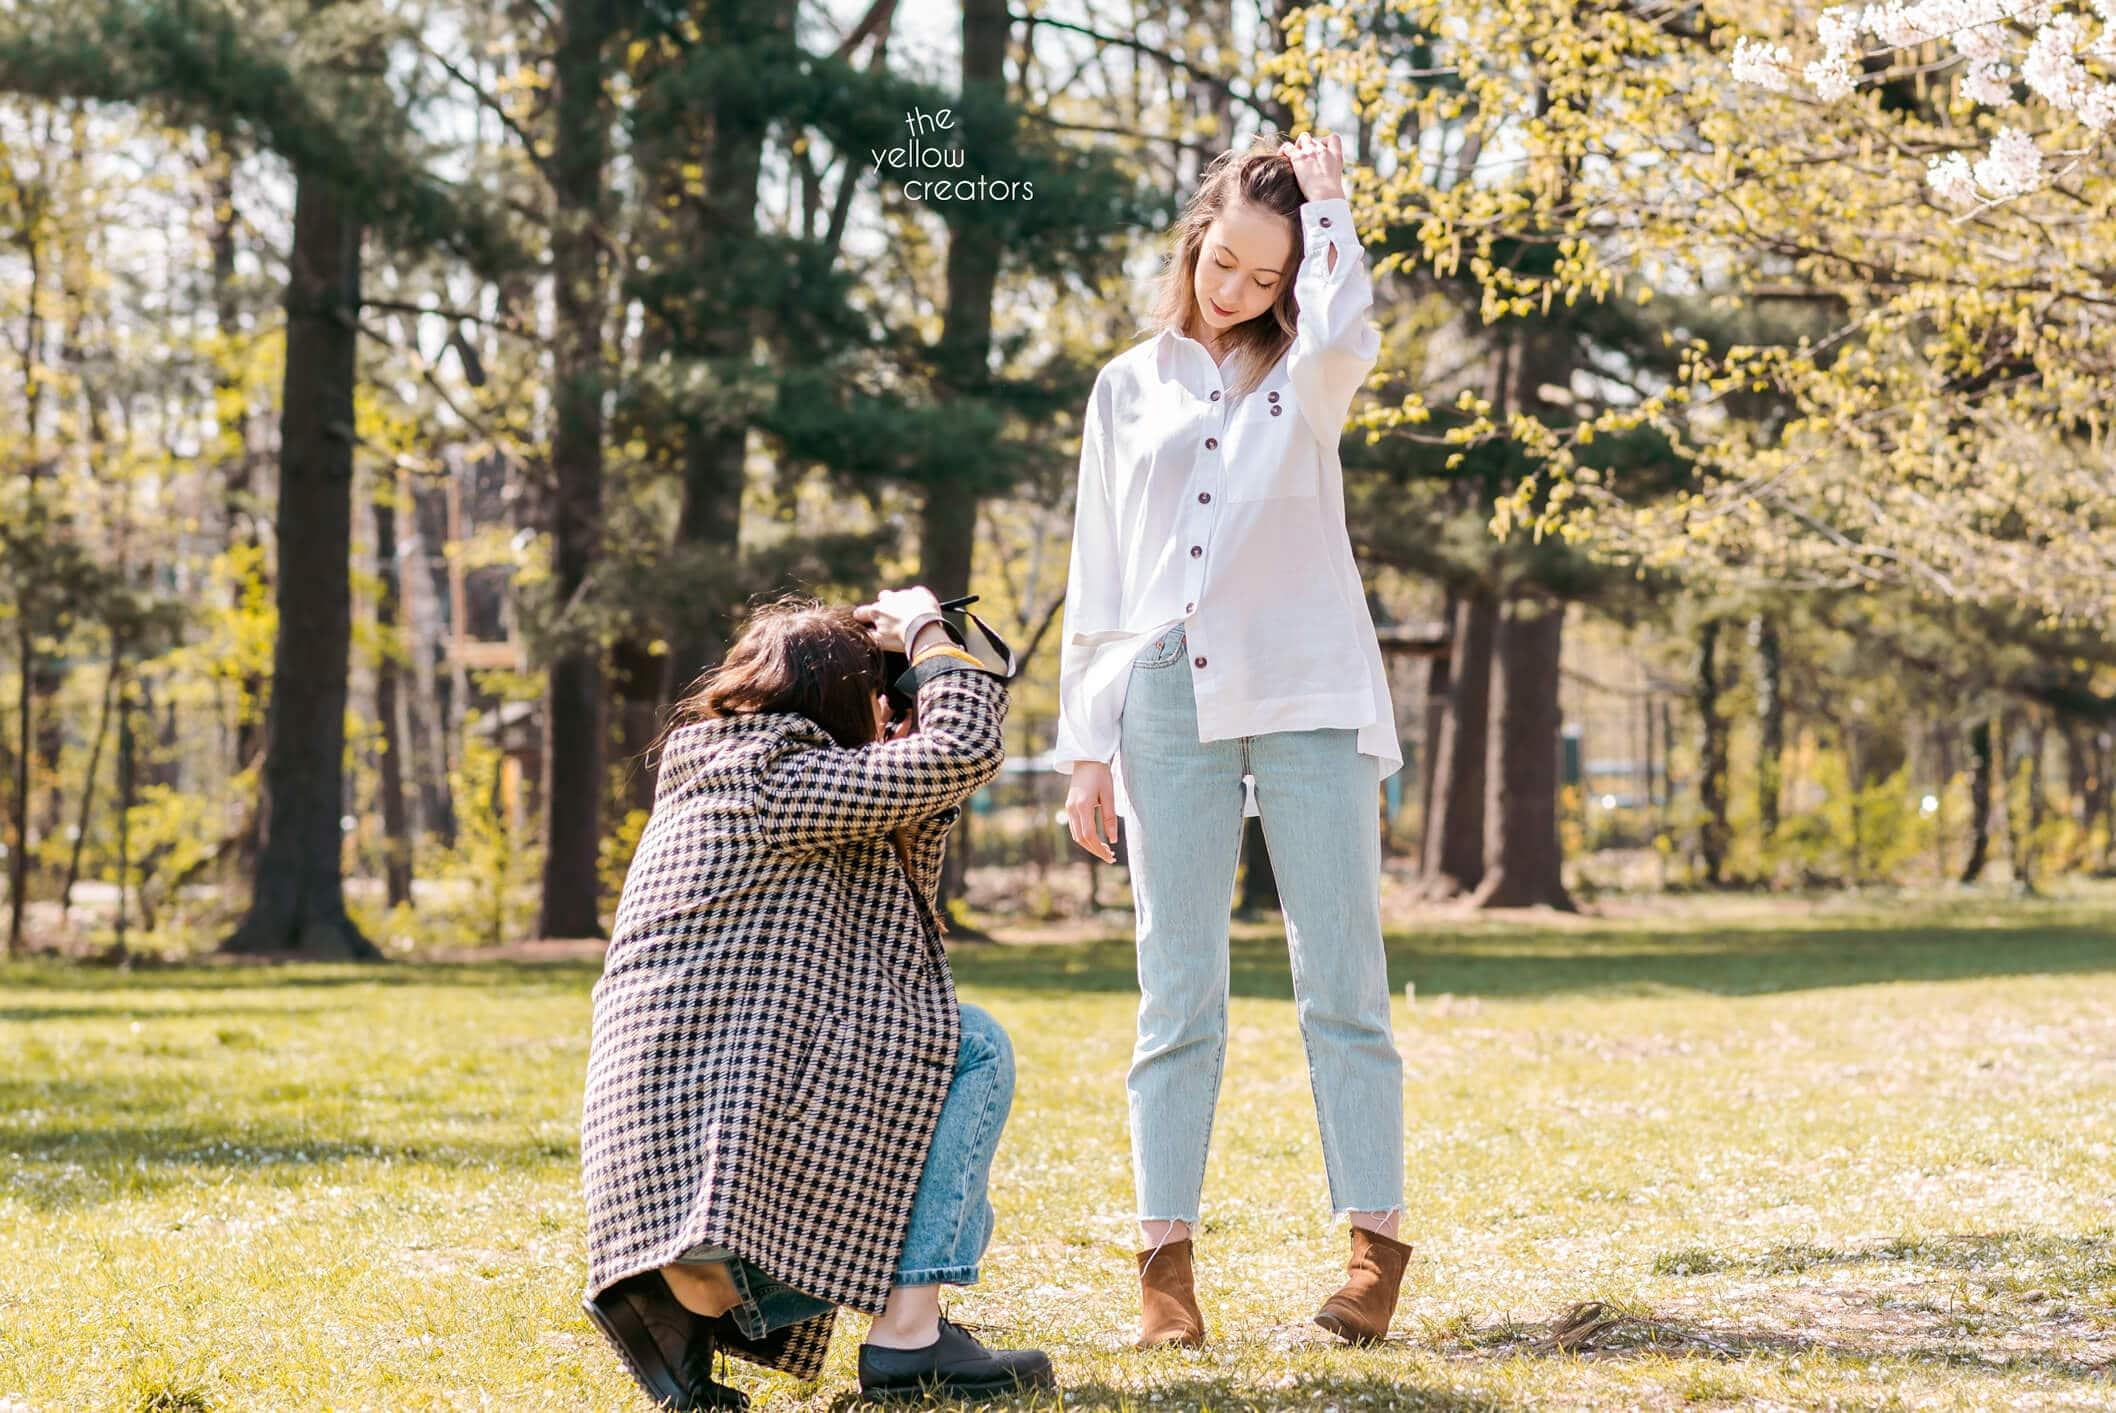 Ce înseamnă să fii fotograf Yellow